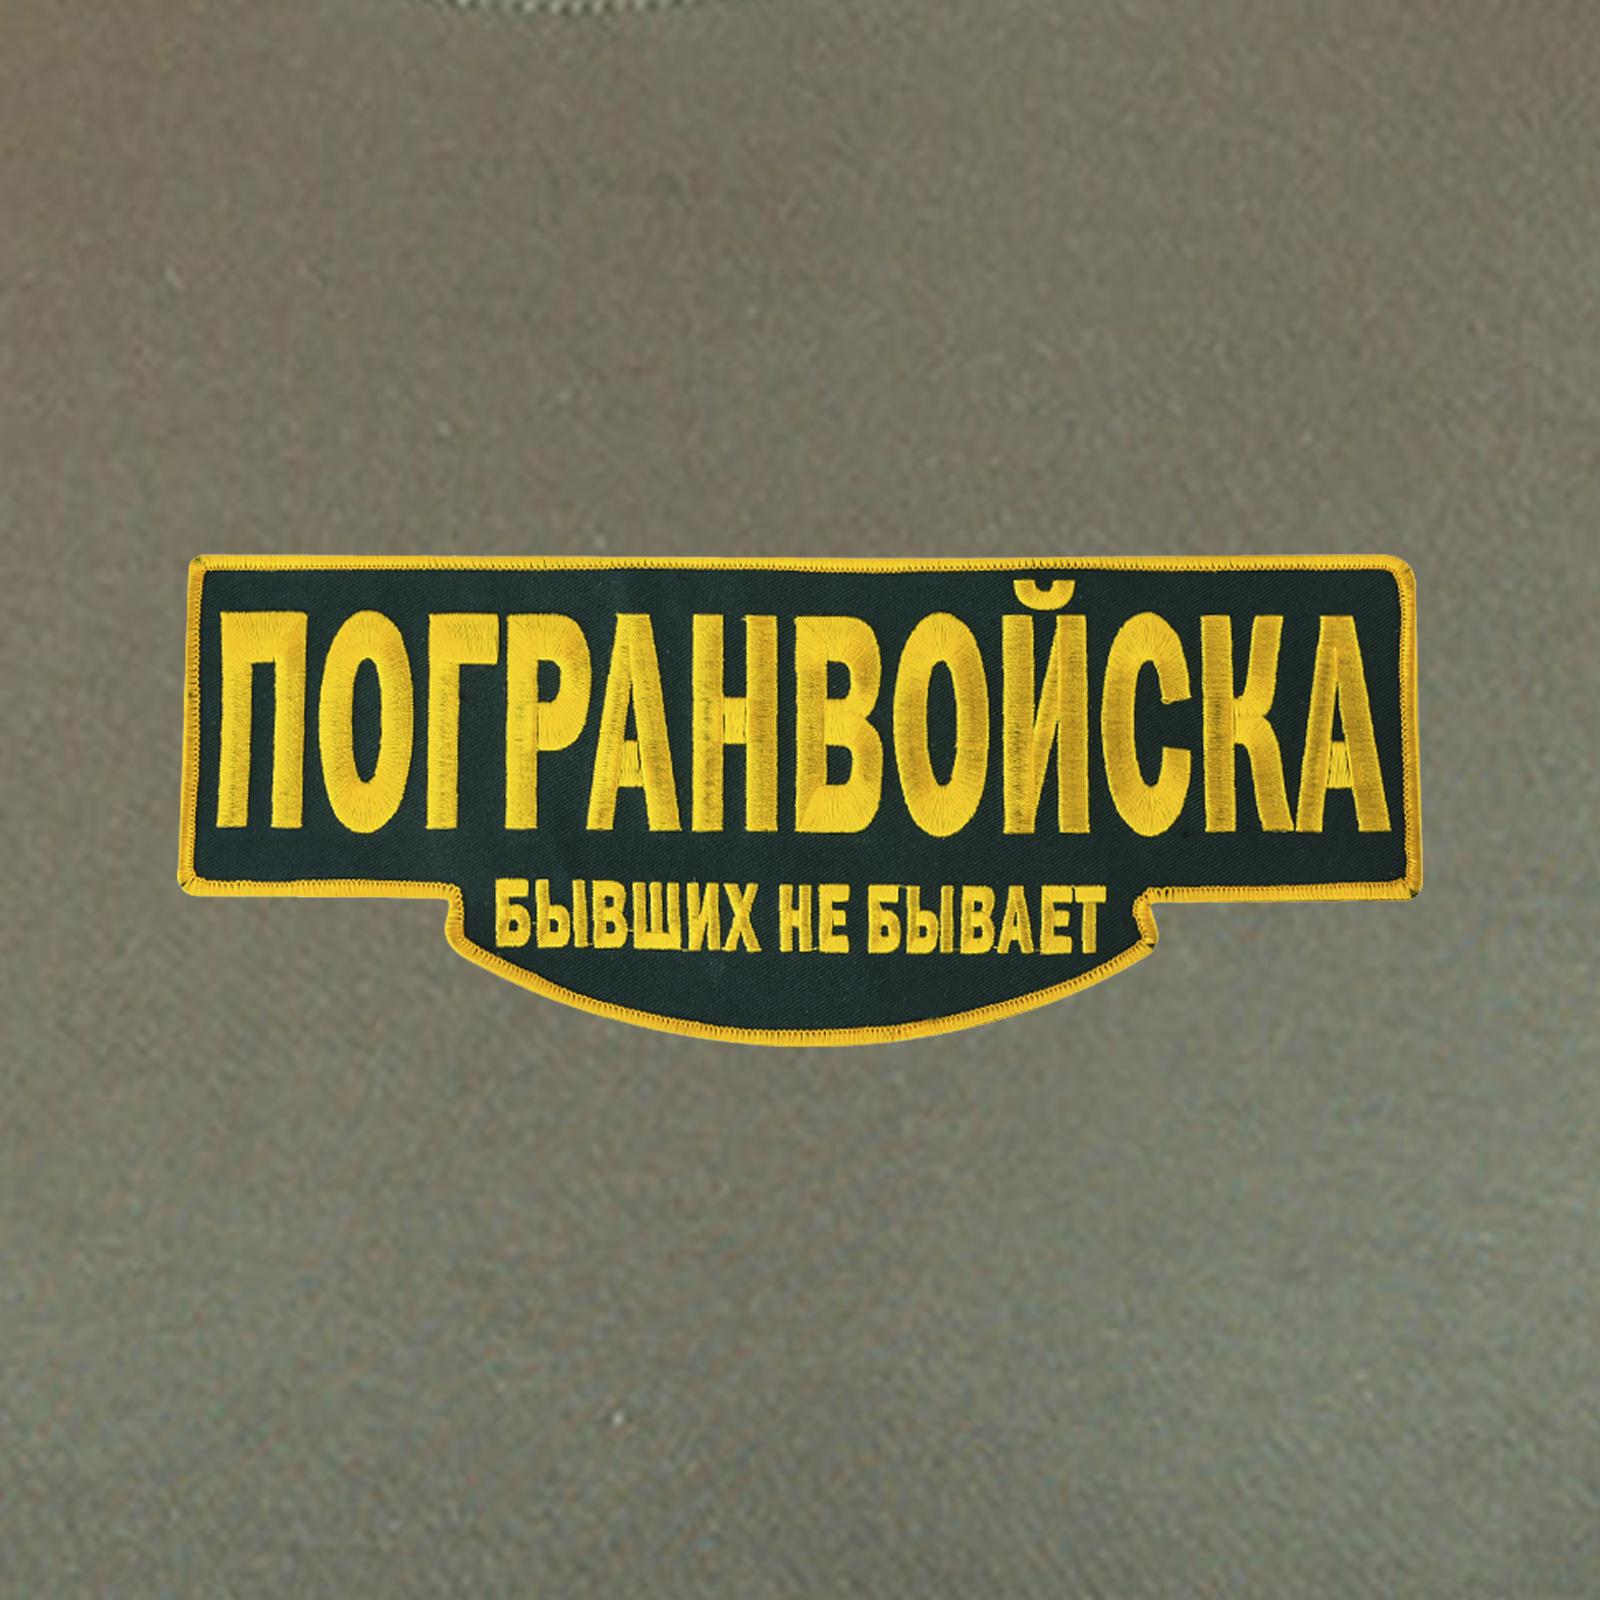 Мужская пограничная футболка с вышитой истиной «Бывших не бывает».